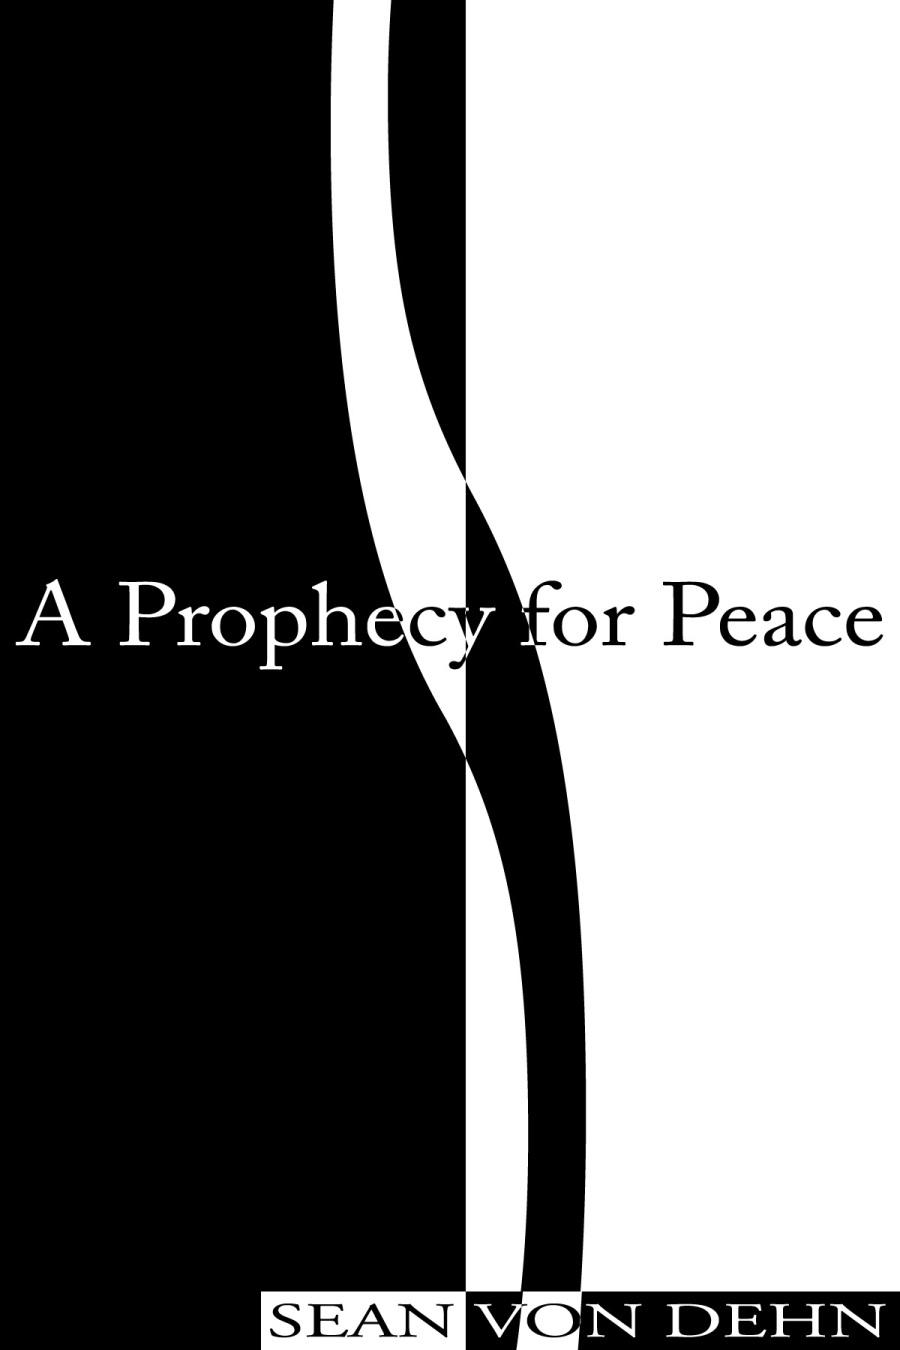 Prophecy for Peace Original